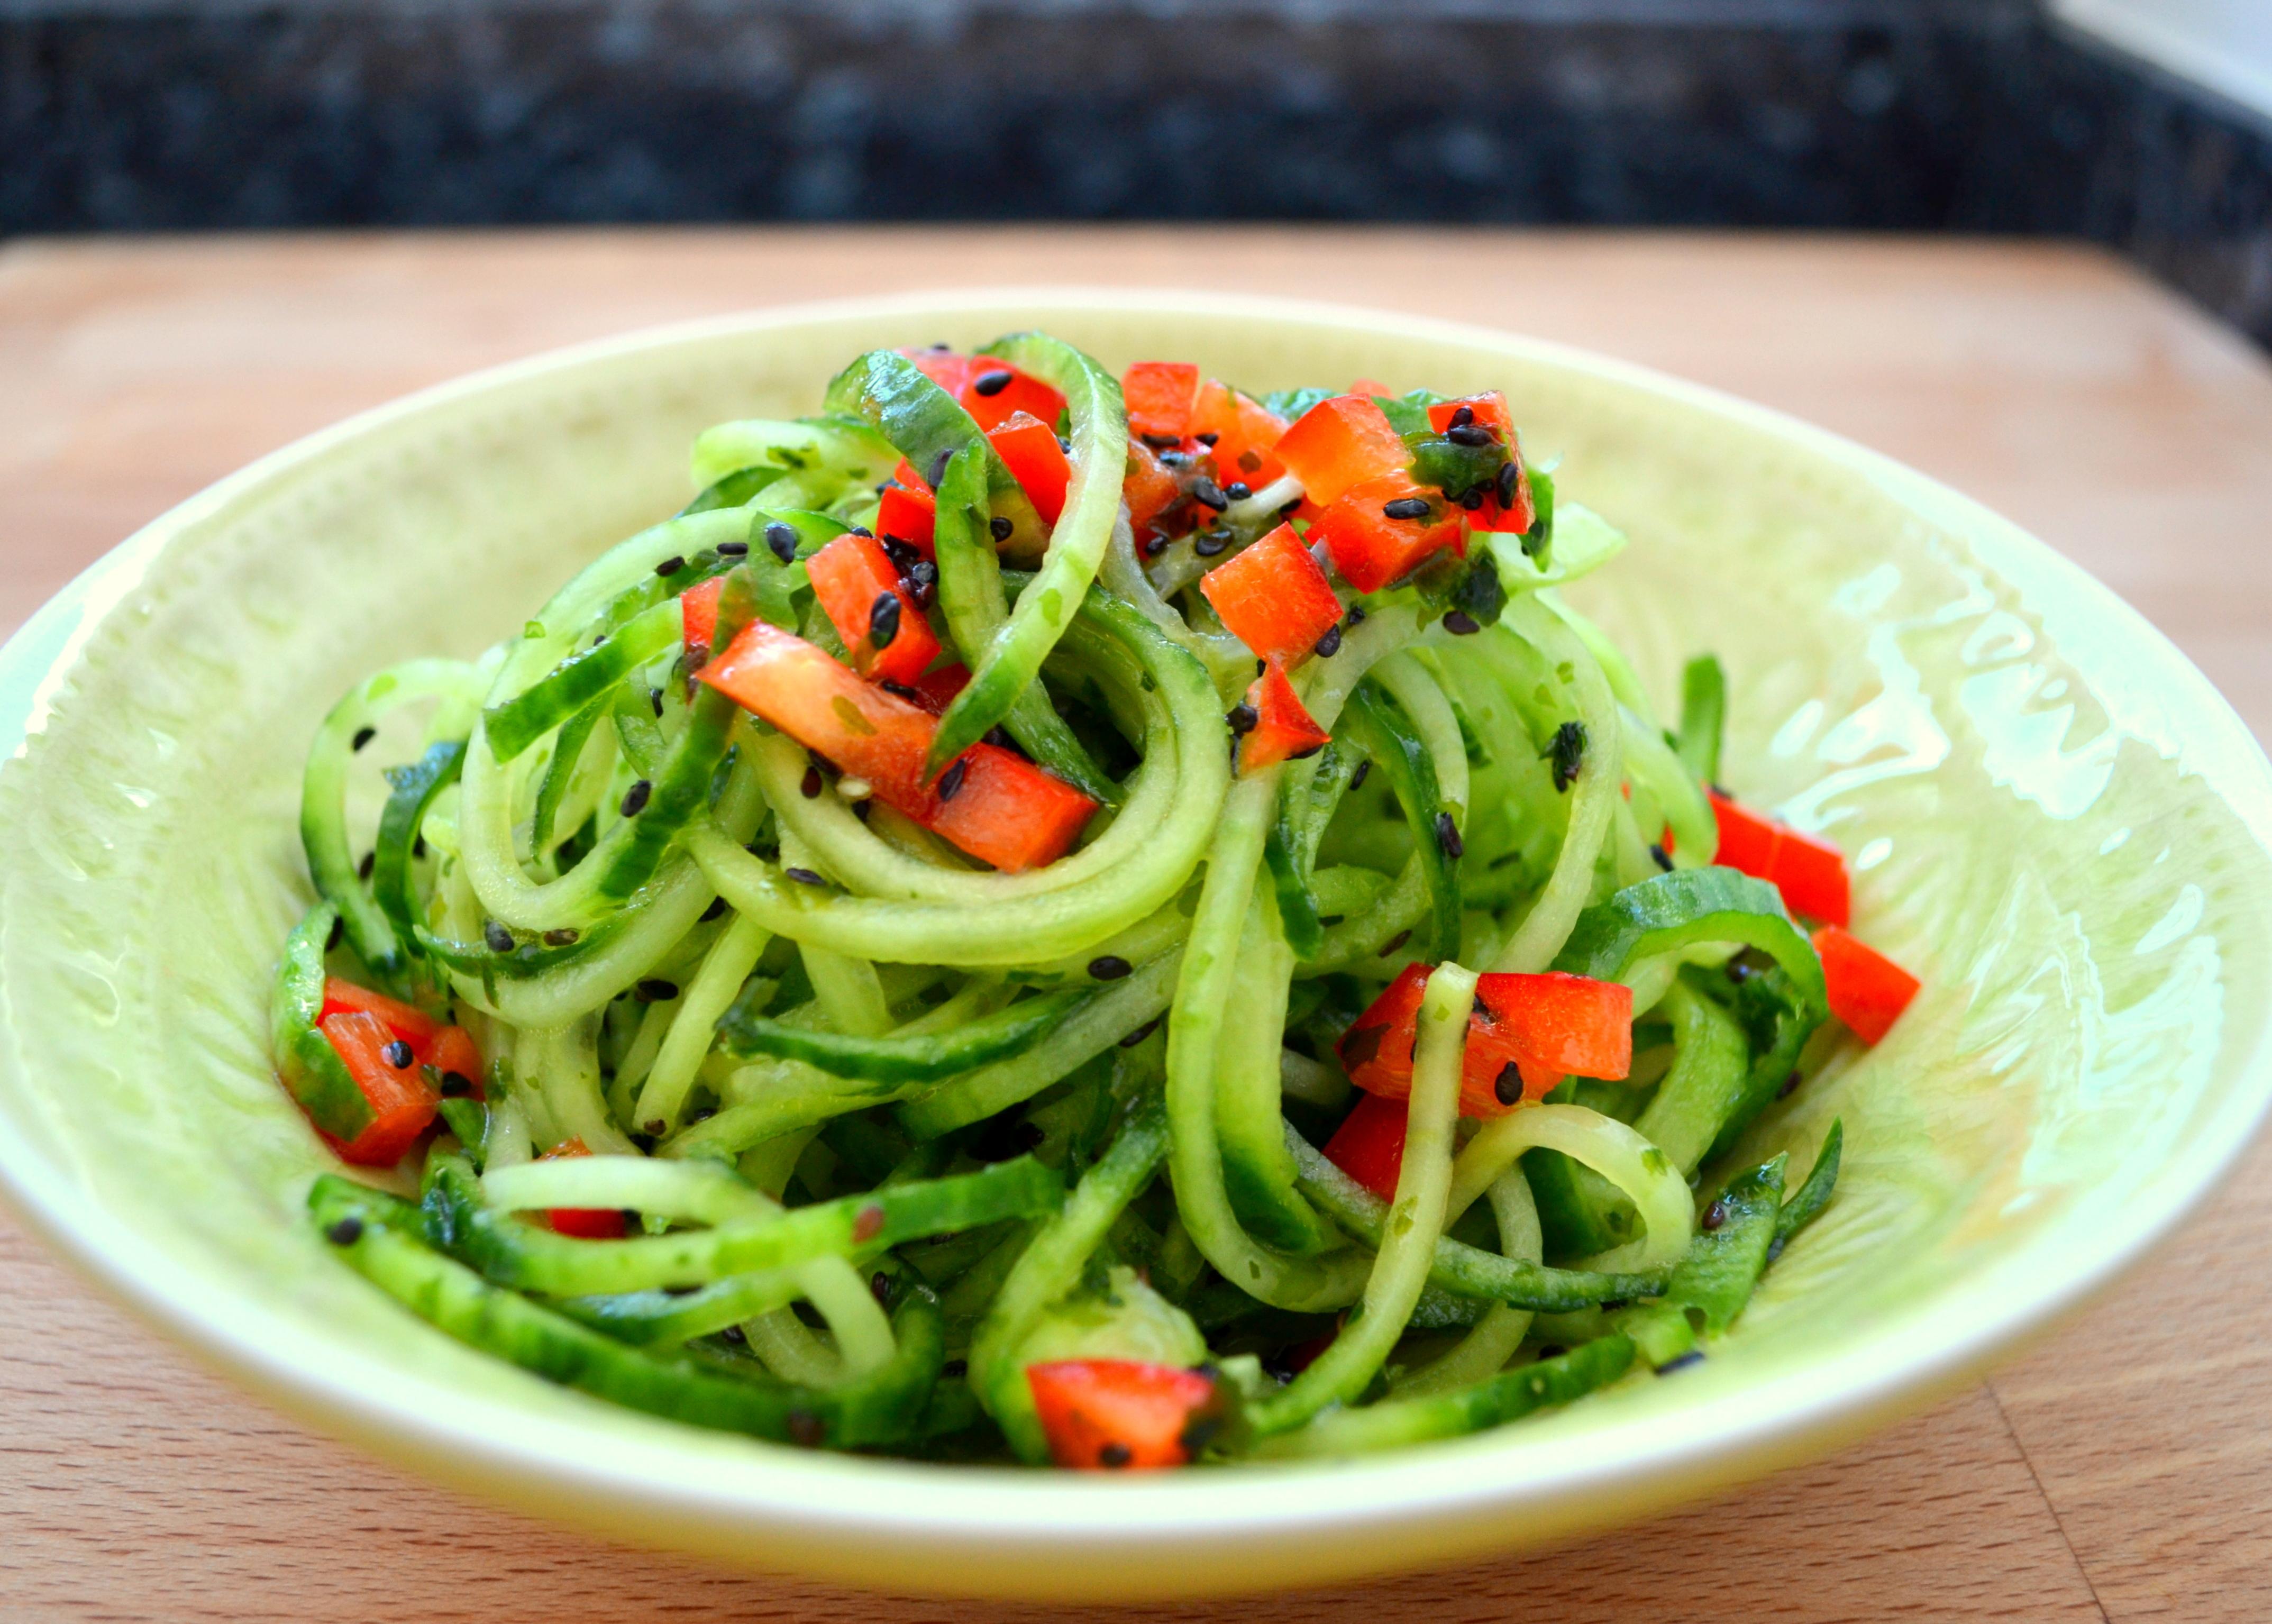 Gurken-Spaghetti-Salat mit Nori Algen und schwarzem Sesam